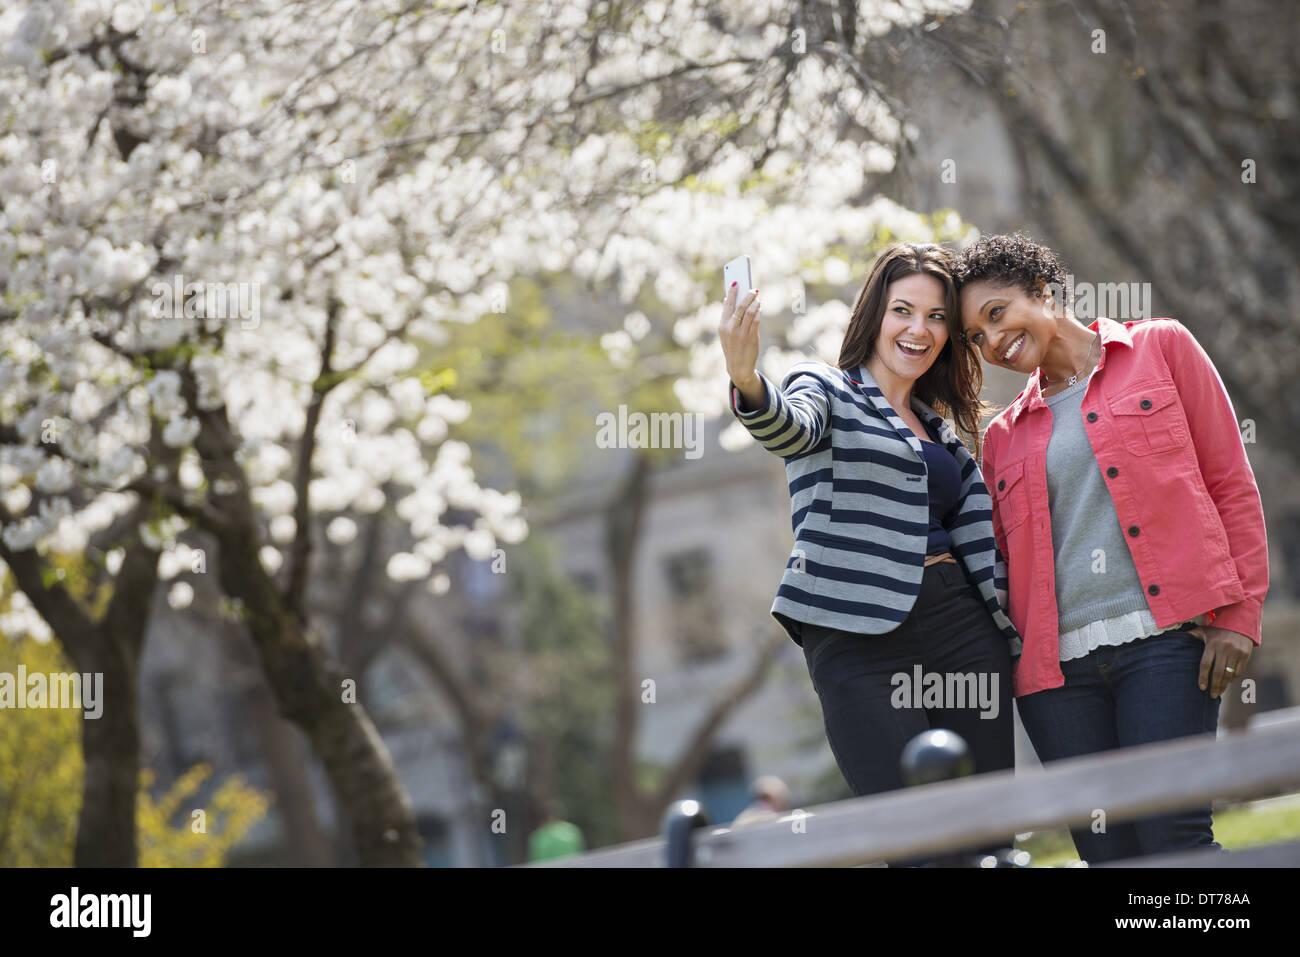 Temps de printemps. New York City park. Une jeune femme tenant un téléphone pour prendre une photo d'elle-même et d'un compagnon. Photo Stock